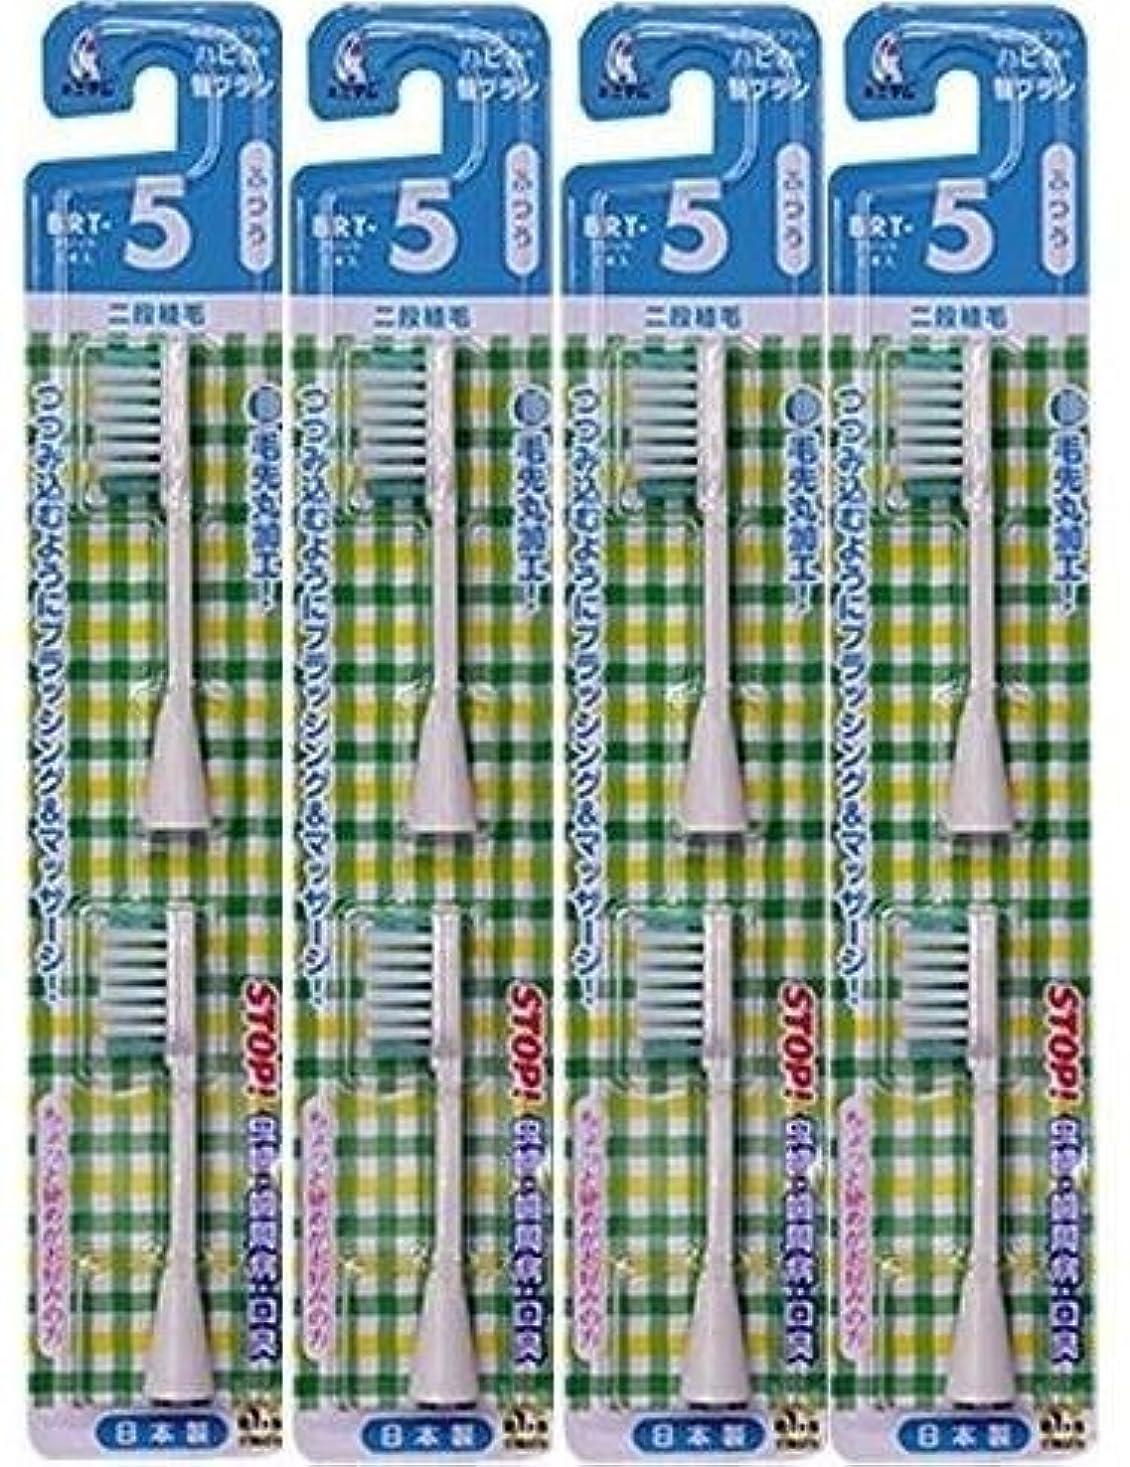 コーナー日没電気的電動歯ブラシ ハピカ専用替ブラシふつう 2段植毛2本入(BRT-5T)×4個セット